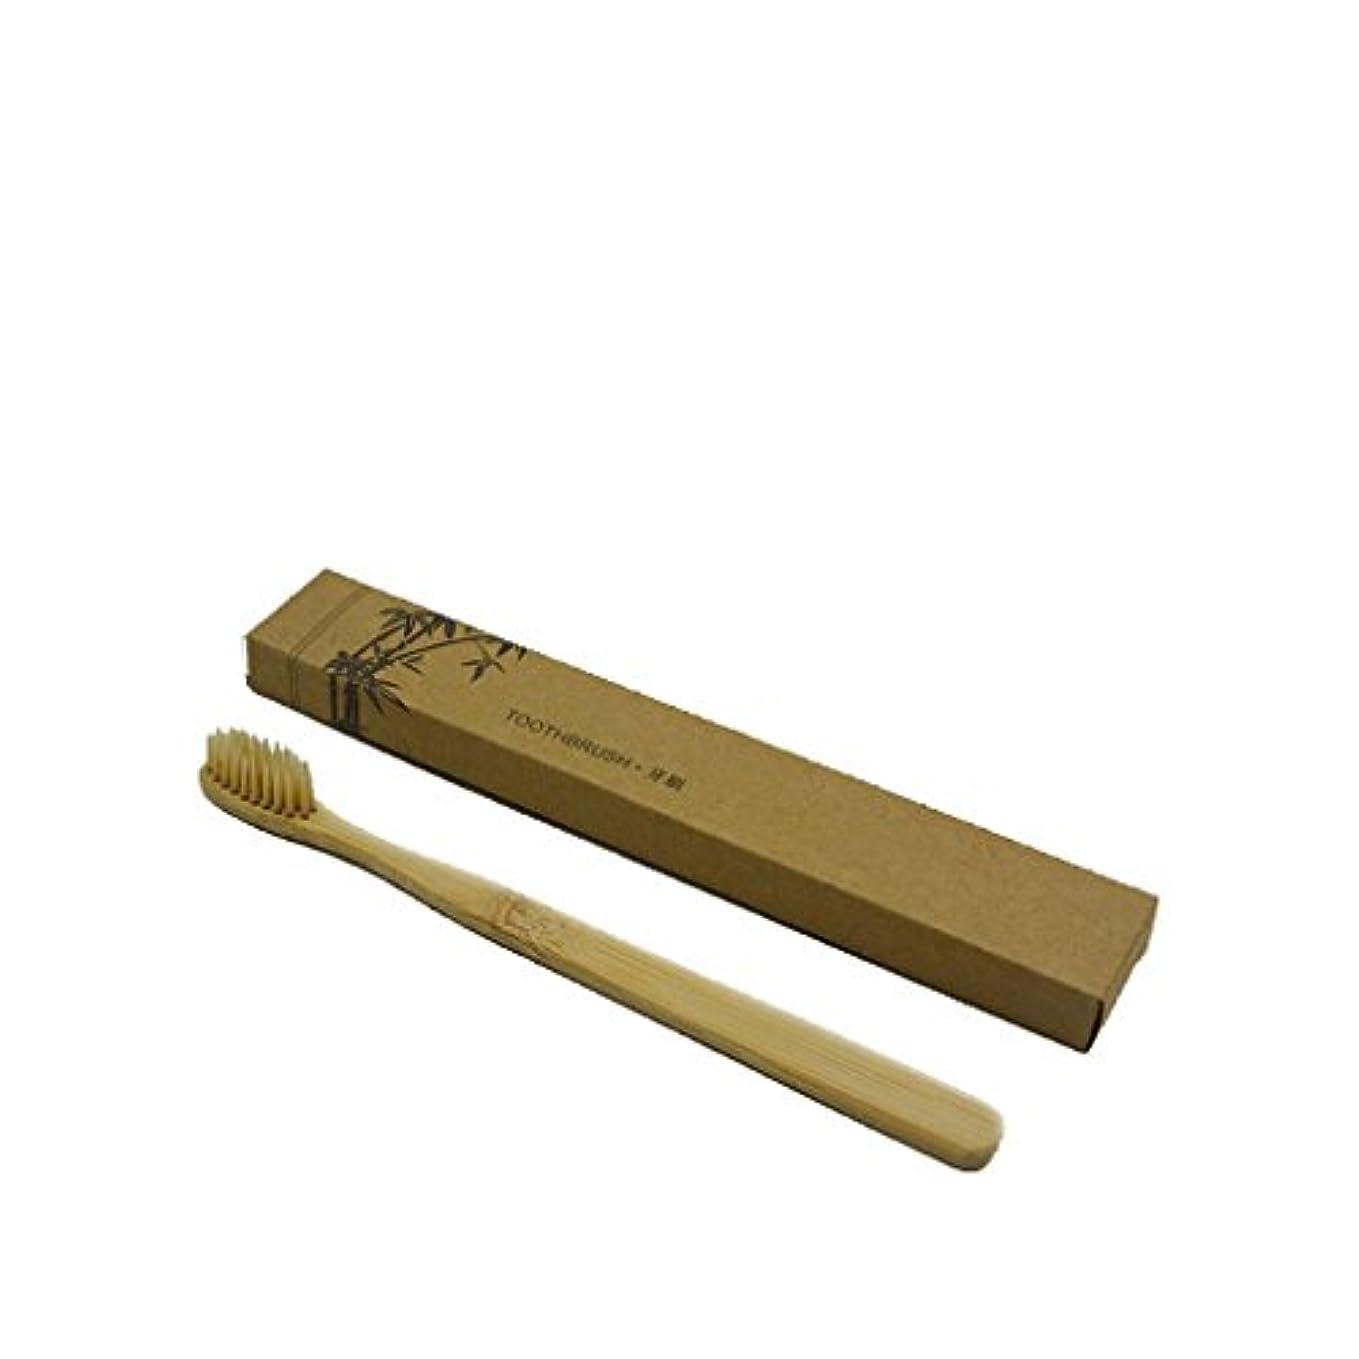 メッセンジャー拾う第二Nerhaily 竹製歯ブラシ ミディアム及びソフト、生分解性、ビーガン、バイオ、エコ、持続可能な木製ハンドル、ホワイトニング 歯 竹歯ブラシ